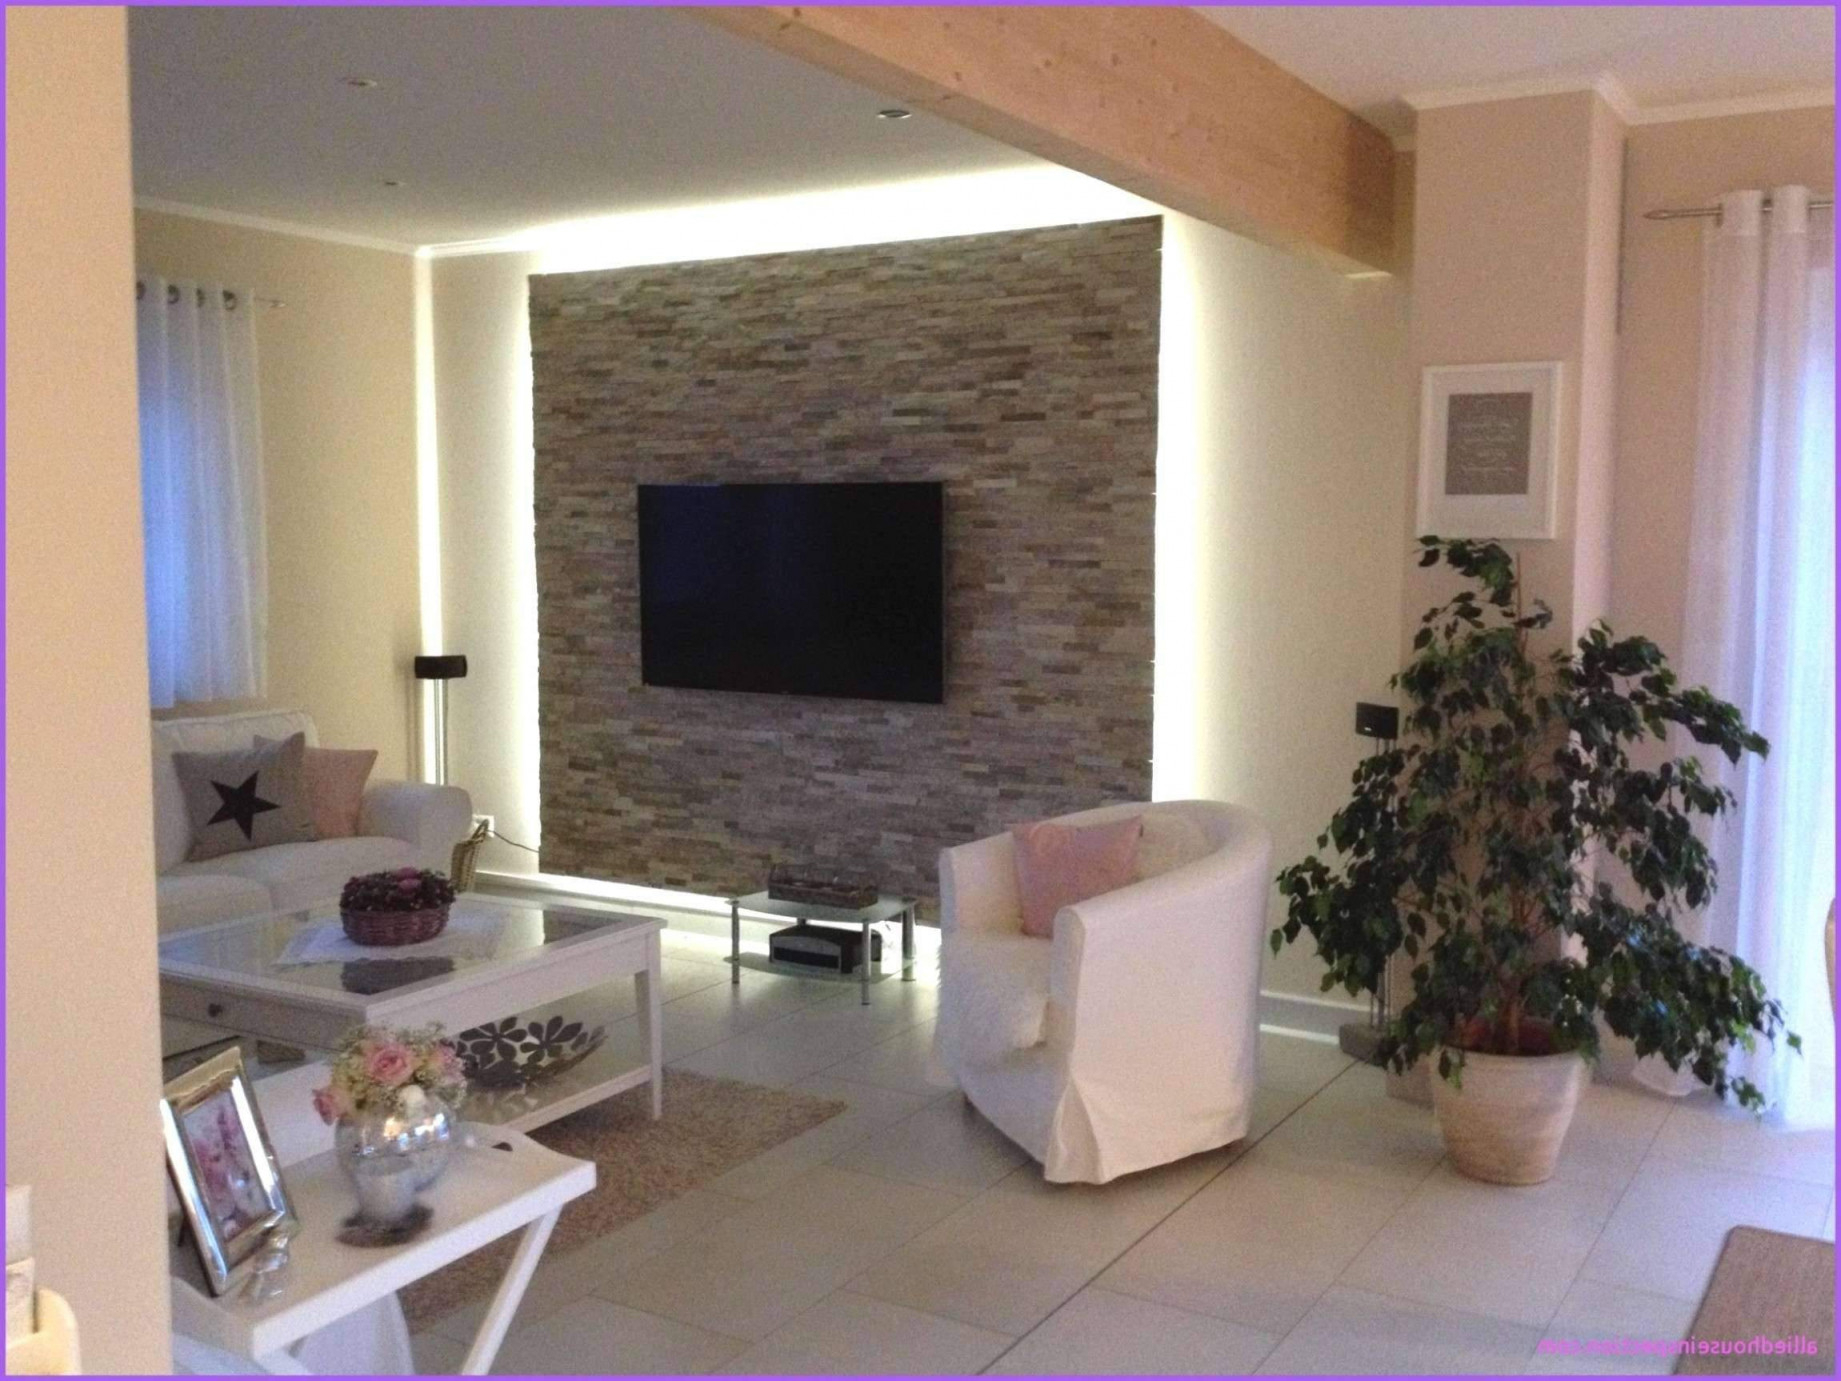 33 Elegant Wand Ideen Wohnzimmer Einzigartig  Wohnzimmer Frisch von Ideen Wand Wohnzimmer Bild